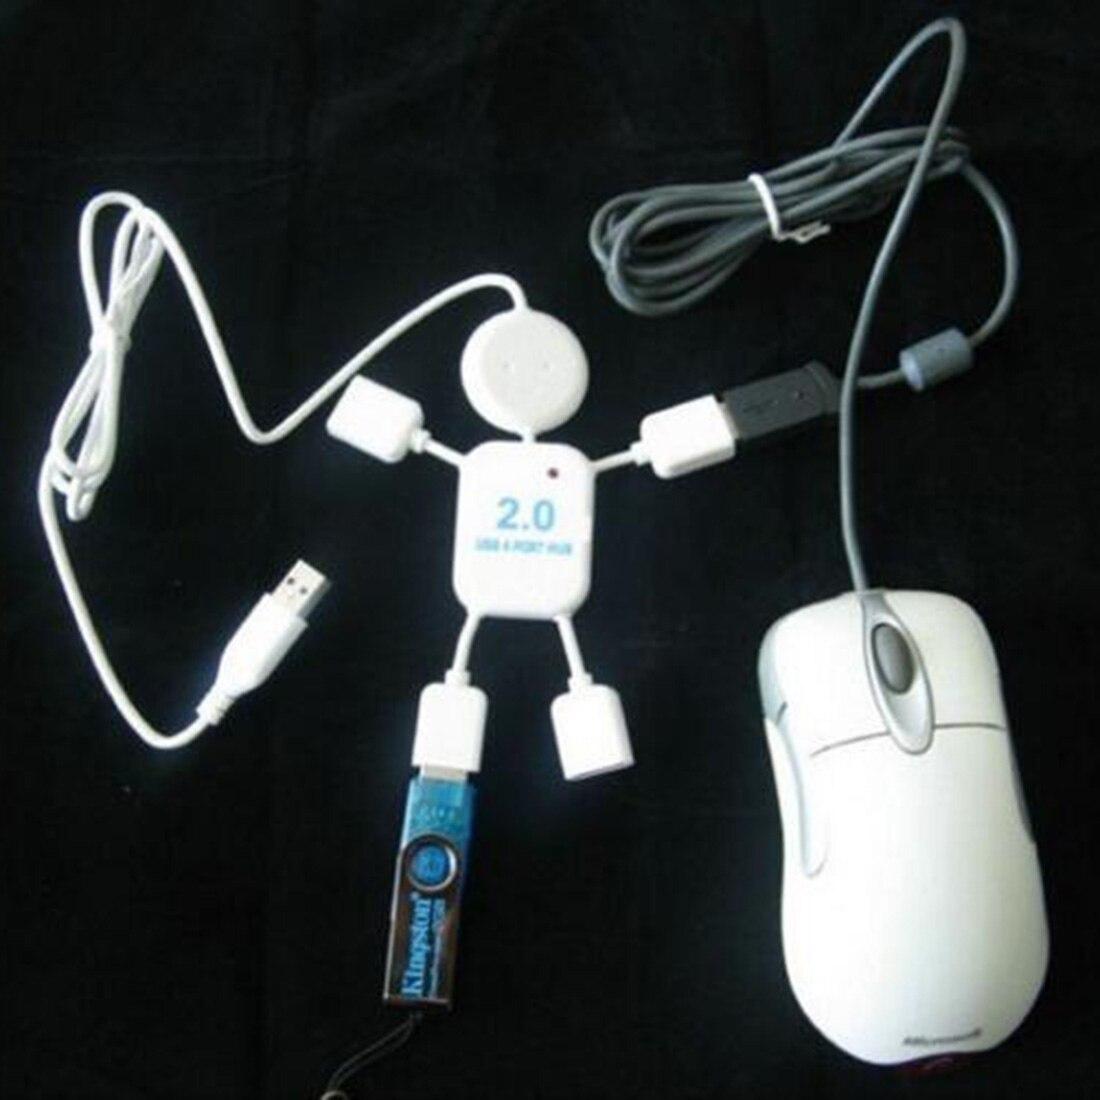 Mini Lovely White Human Doll Shape High Speed USB 4 ports Hub For PC Computer Laptop Port Splitter Аппаратный порт